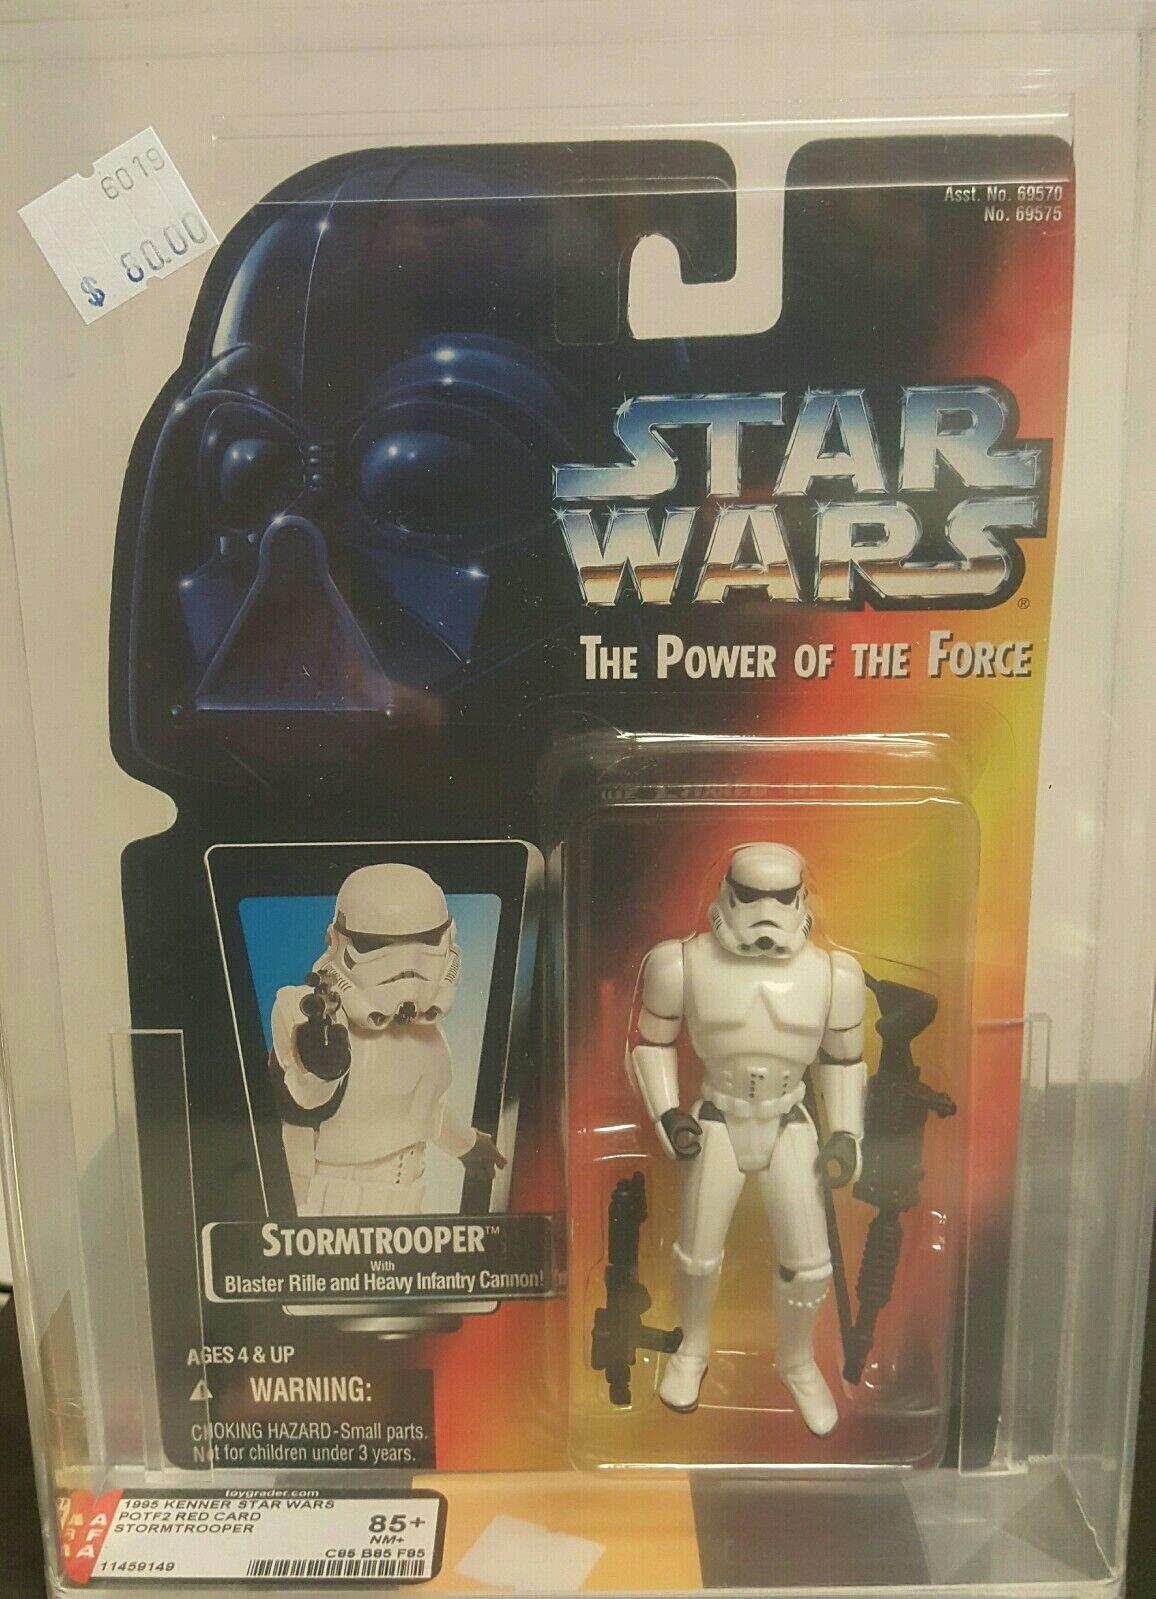 1996 Figura De Estrella Wars autoridad calificado Poder de la fuerza 2 Stormtrooper 85NM+